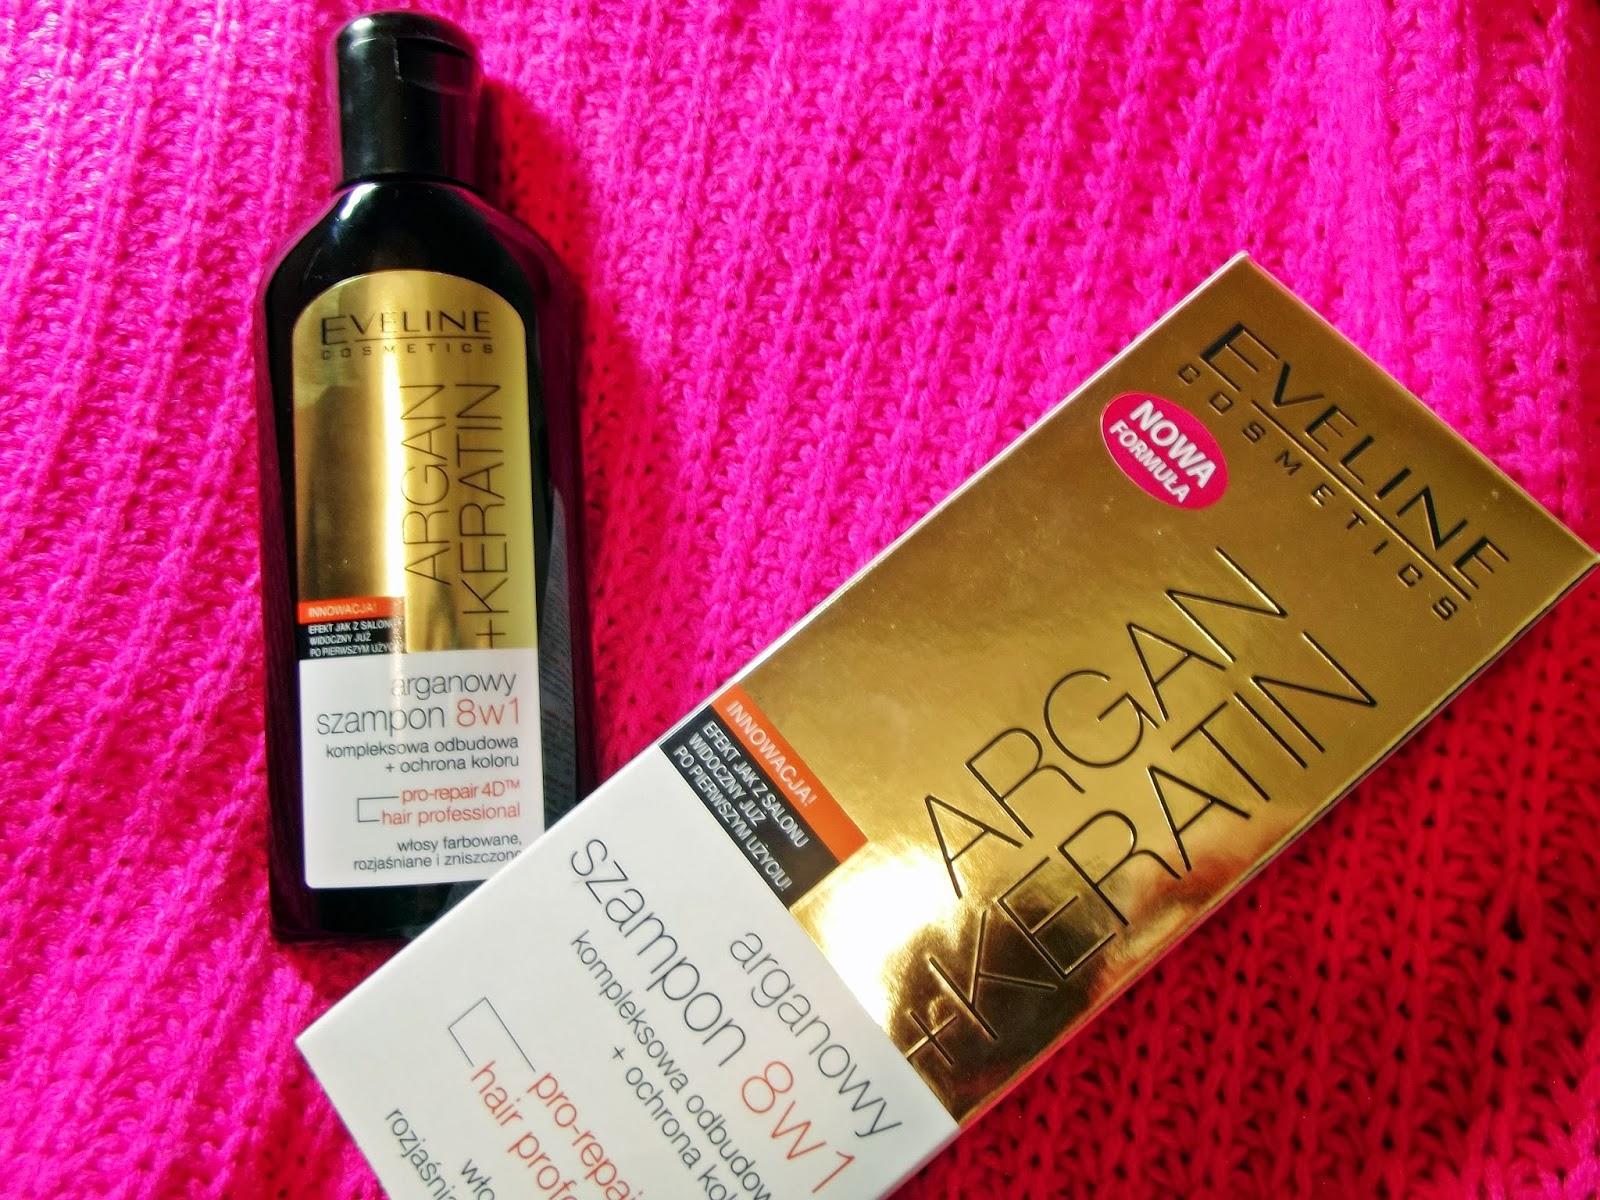 Eveline, Argan + Keratin, Arganowy szampon do włosów 8 w 1